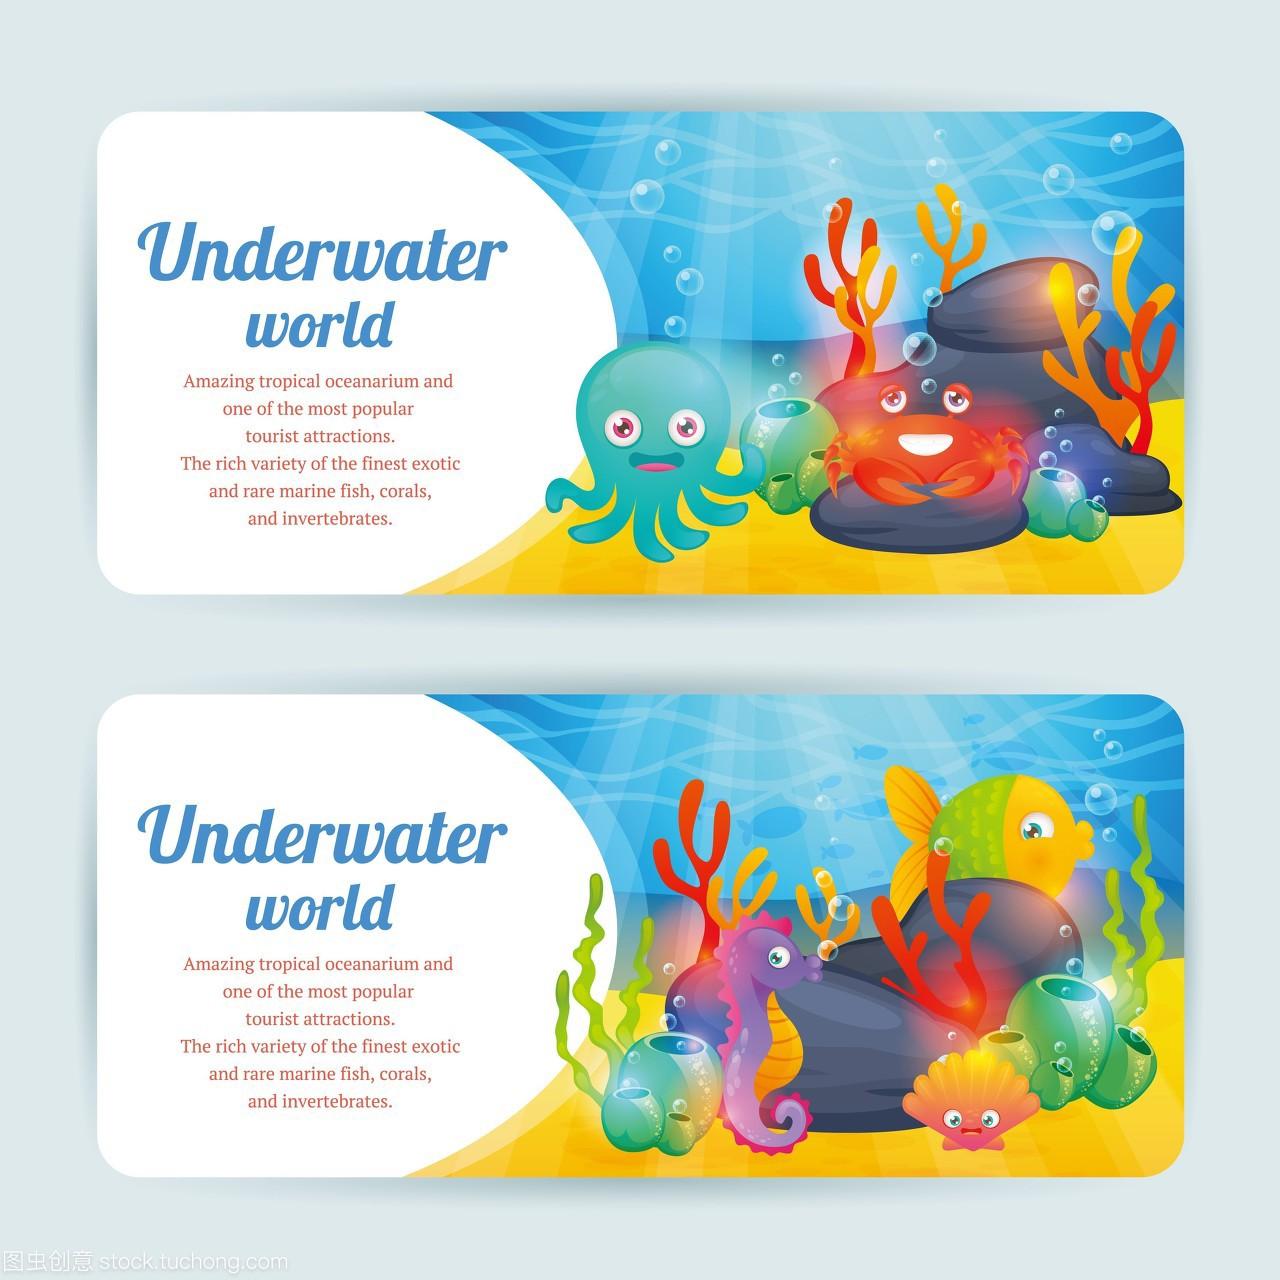 章鱼,可爱,水母情调,水,海洋,鱼类,螃蟹,漫画,异国漫画图片踩雷图片